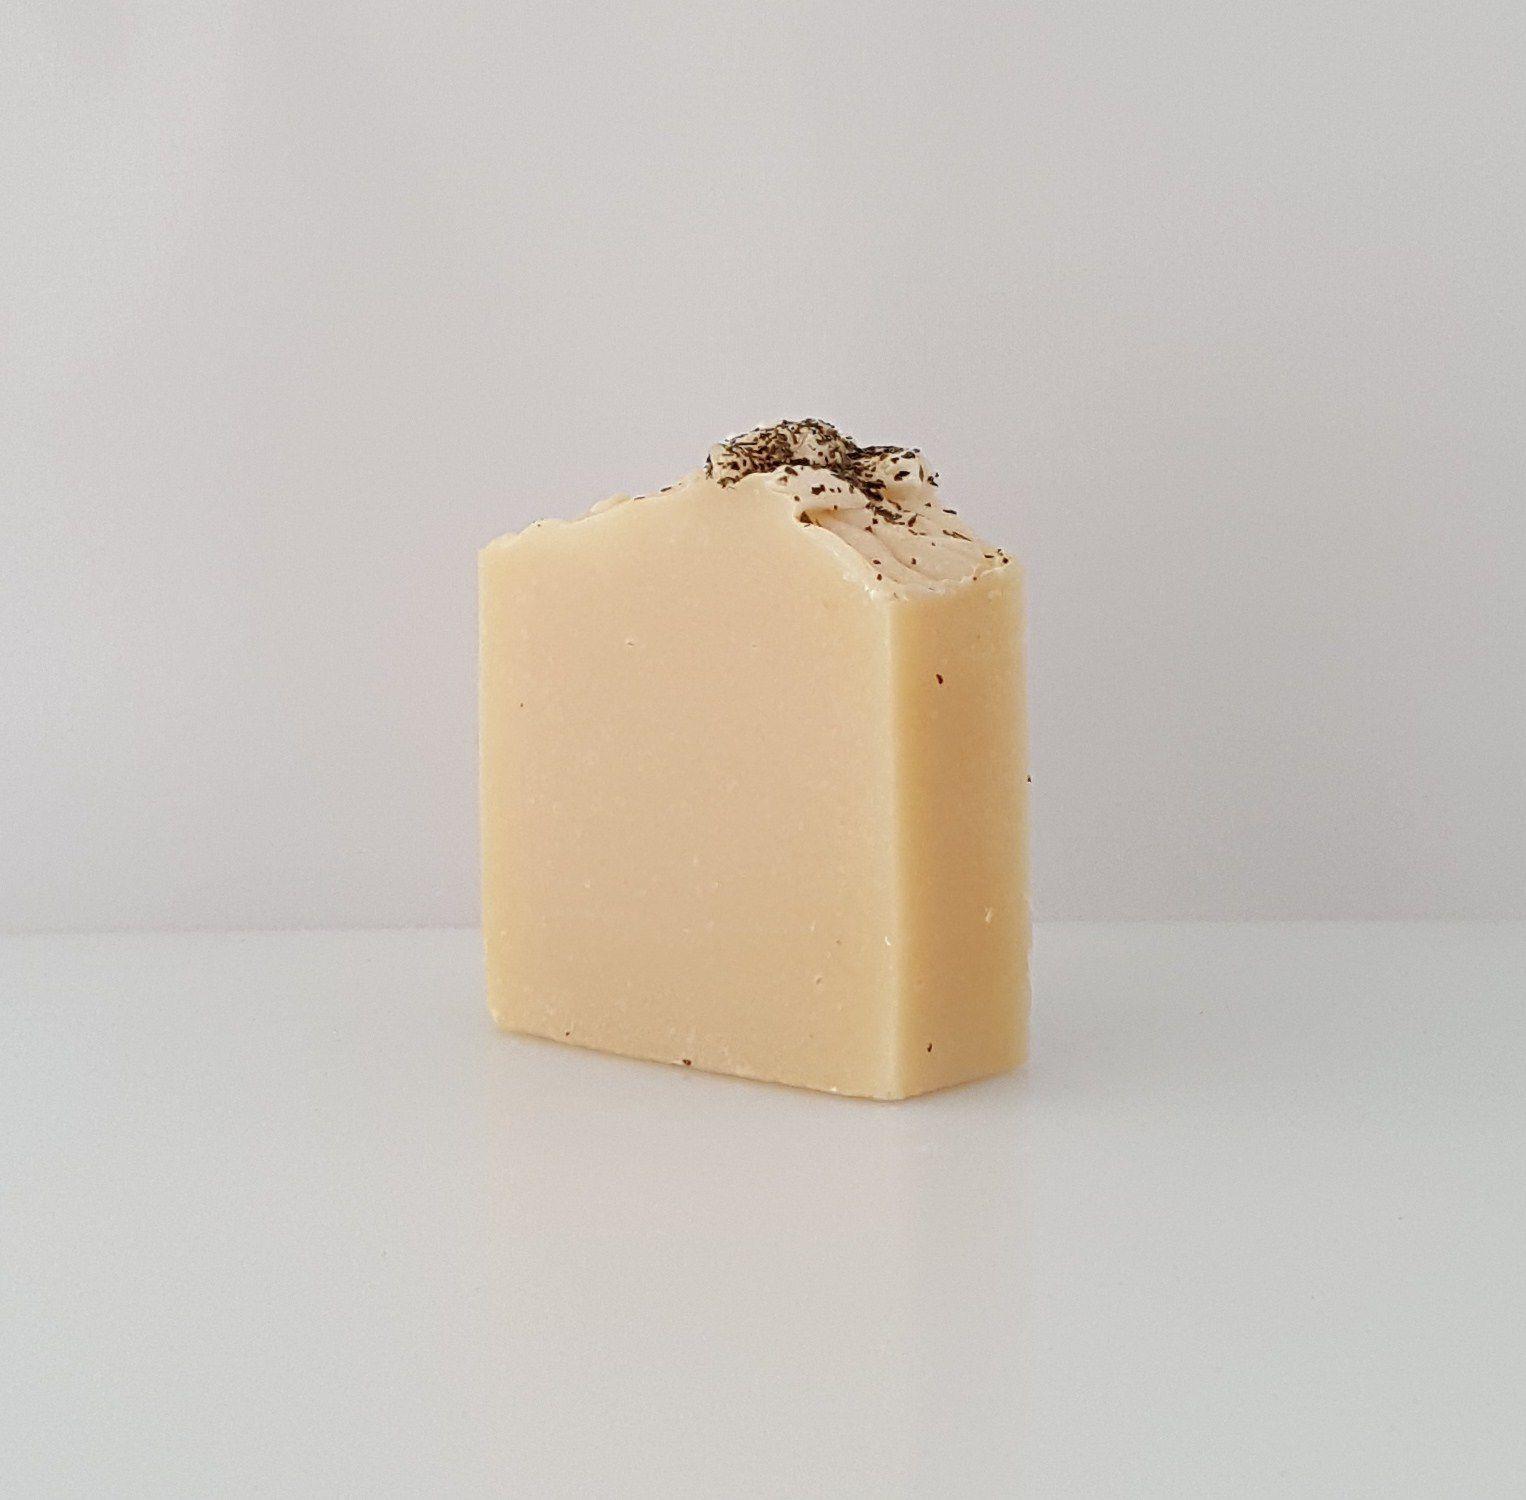 milk soap natural artisan bar goats